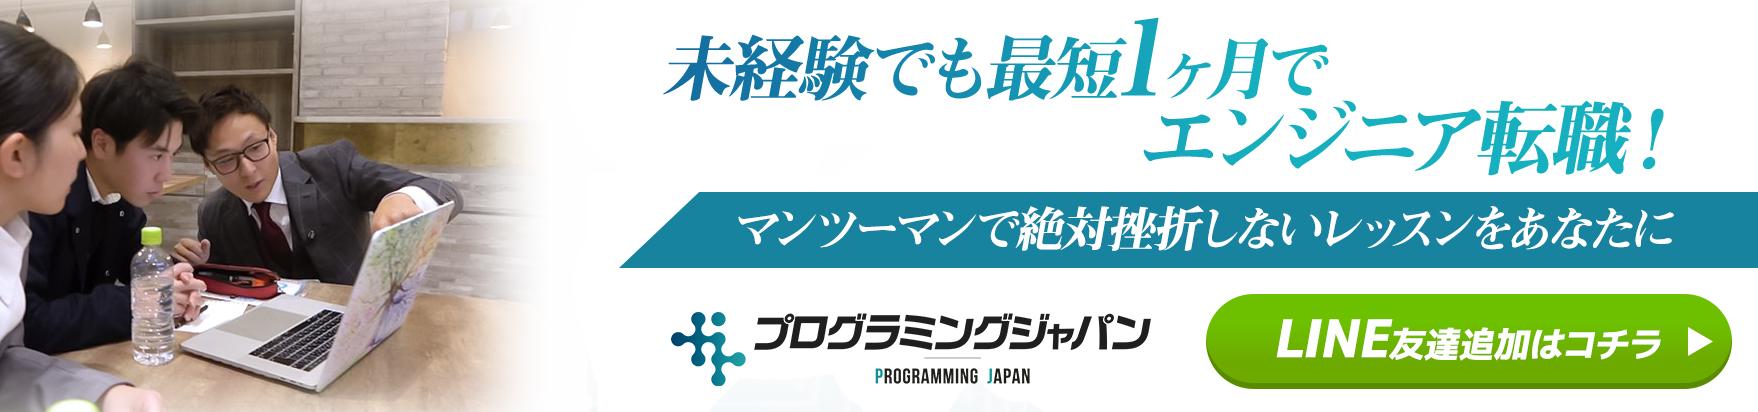 プログラミングジャパンヘッダー